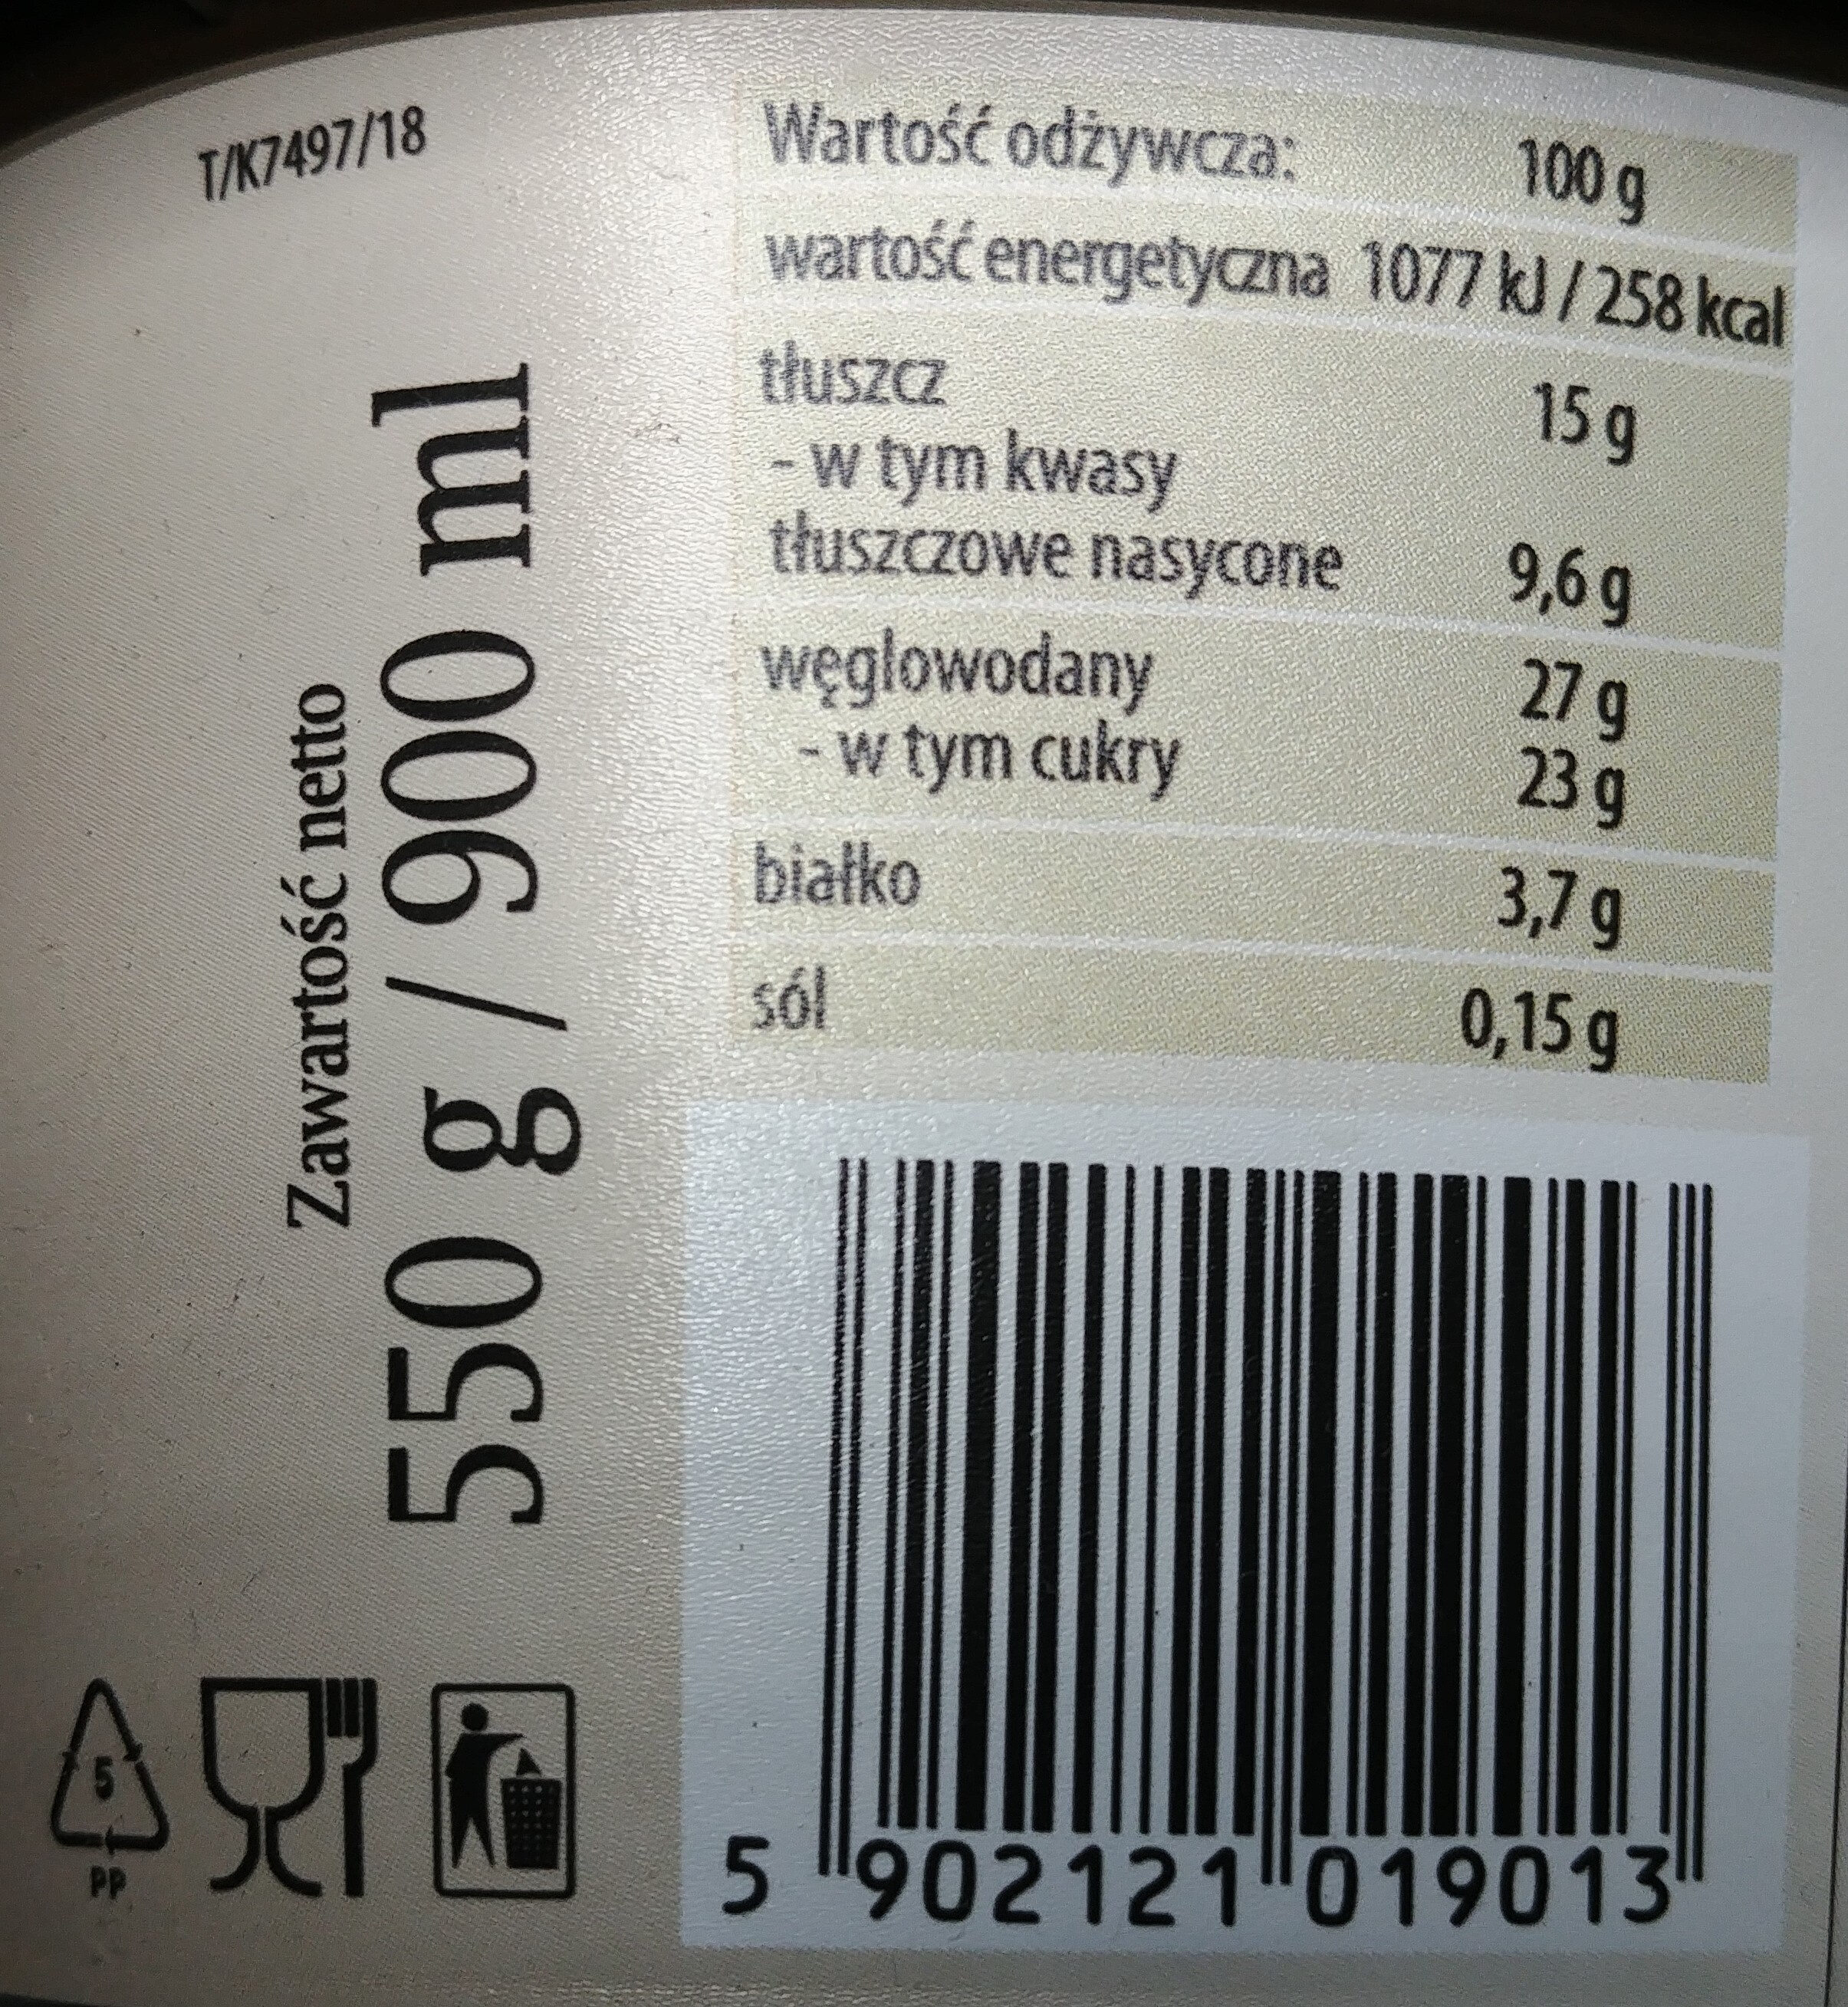 Lody bakaliowe (bakalie 8 %). - Wartości odżywcze